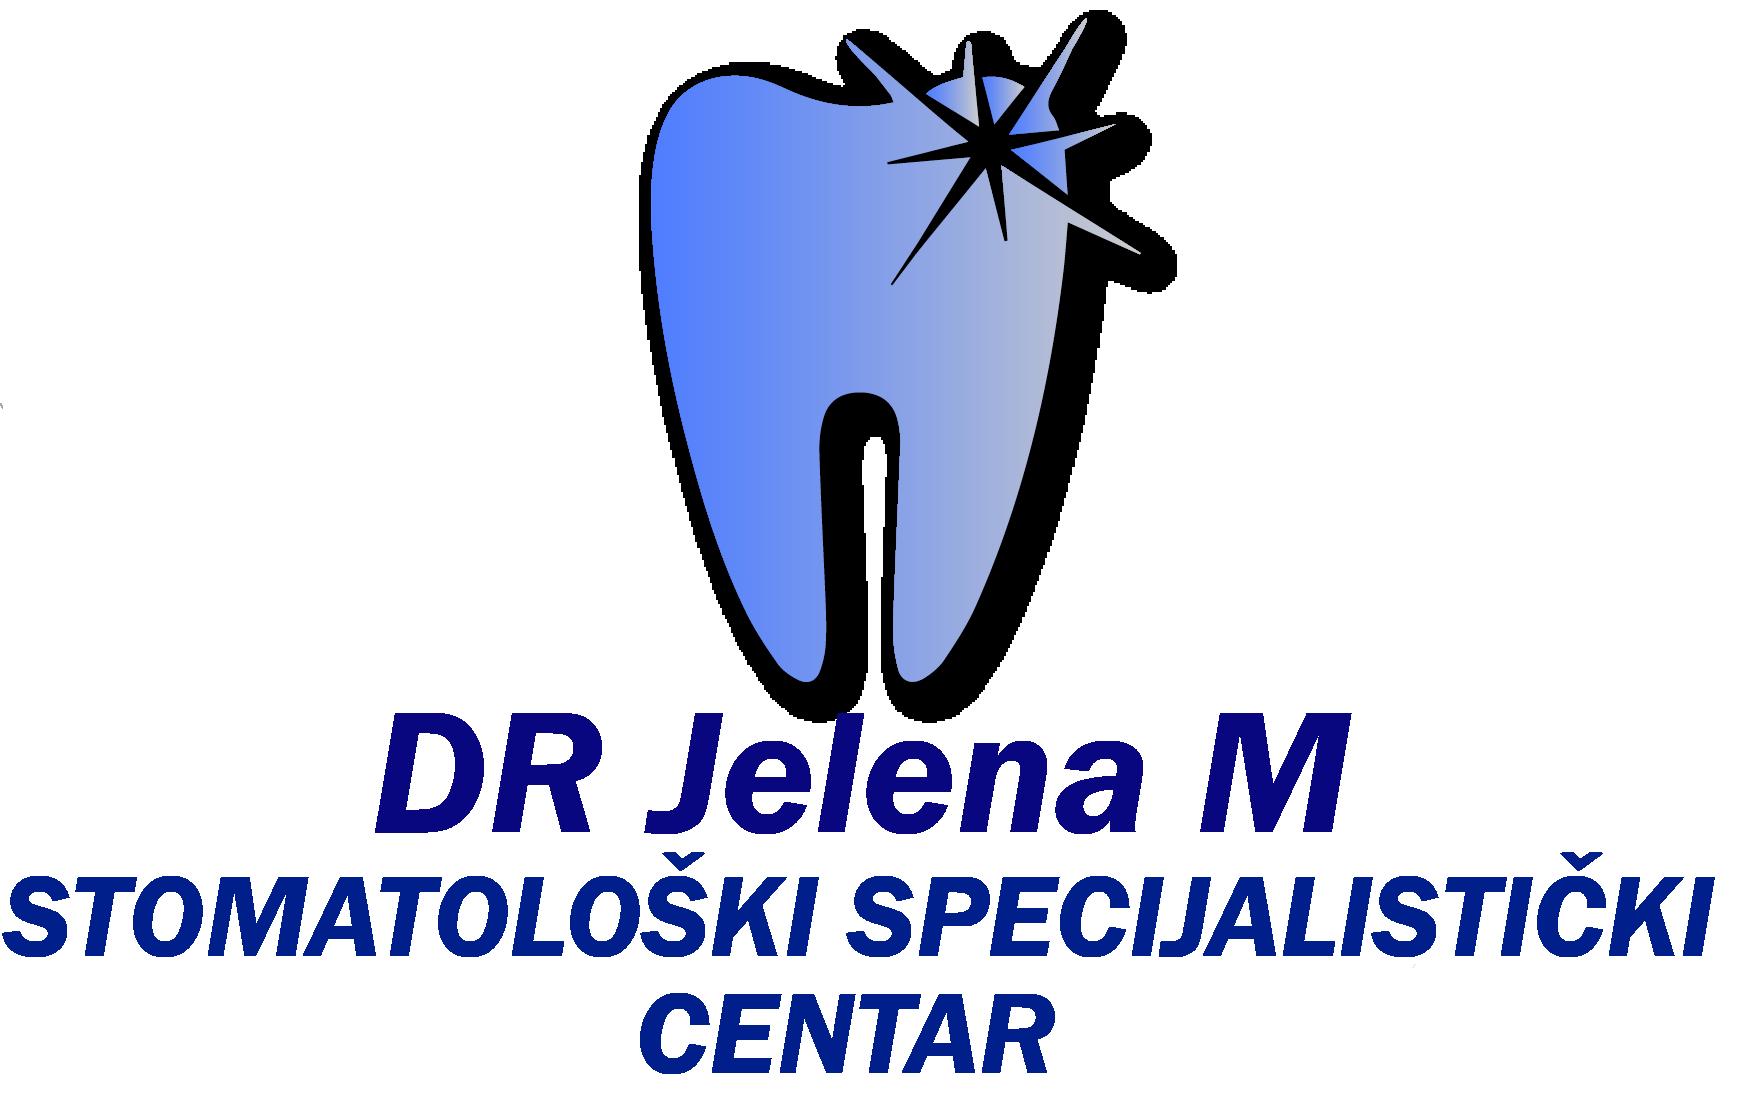 Stomatološko specijalistički centar Dr Jelena M